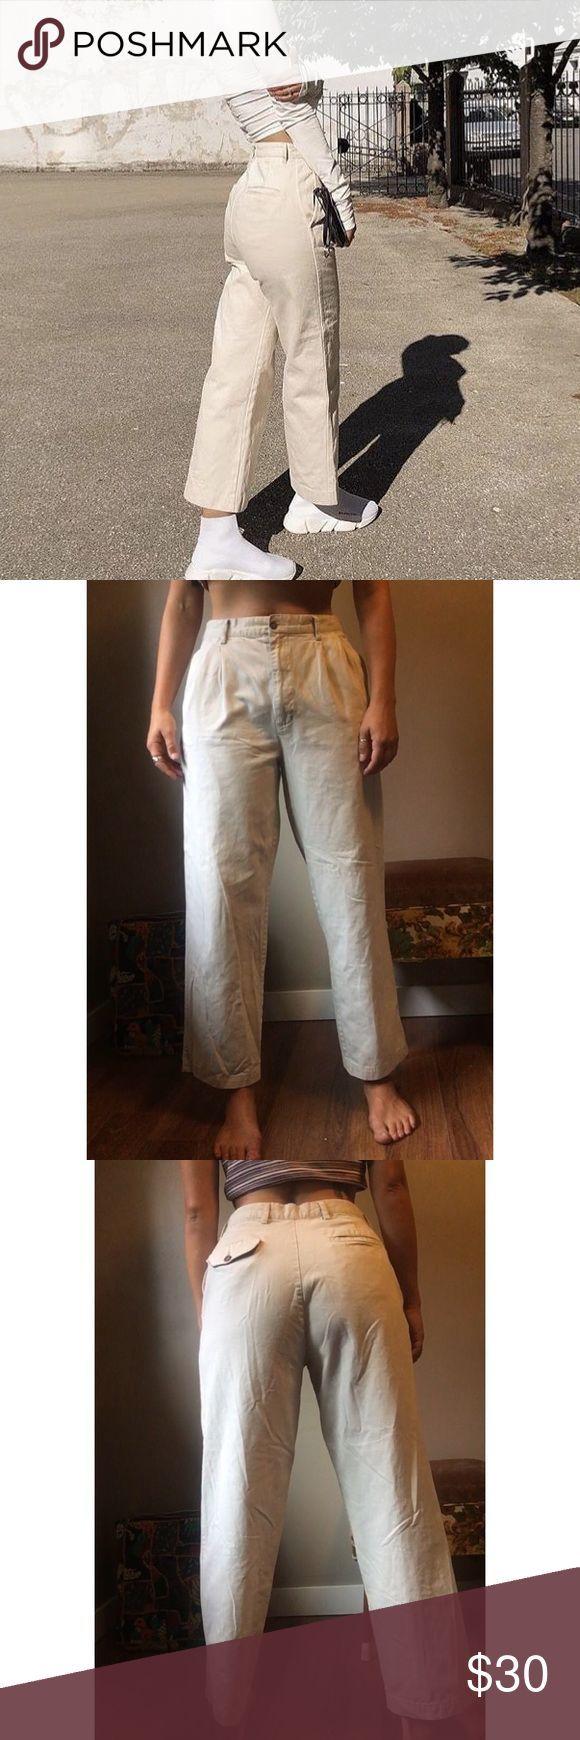 Pantalones De Skate De Color Beige Beige Neutro De Moda Pantalon Vendido A Traves De Depop Jean De Skate Holgado De Color Caqui B Pantalones Moda Color Beige